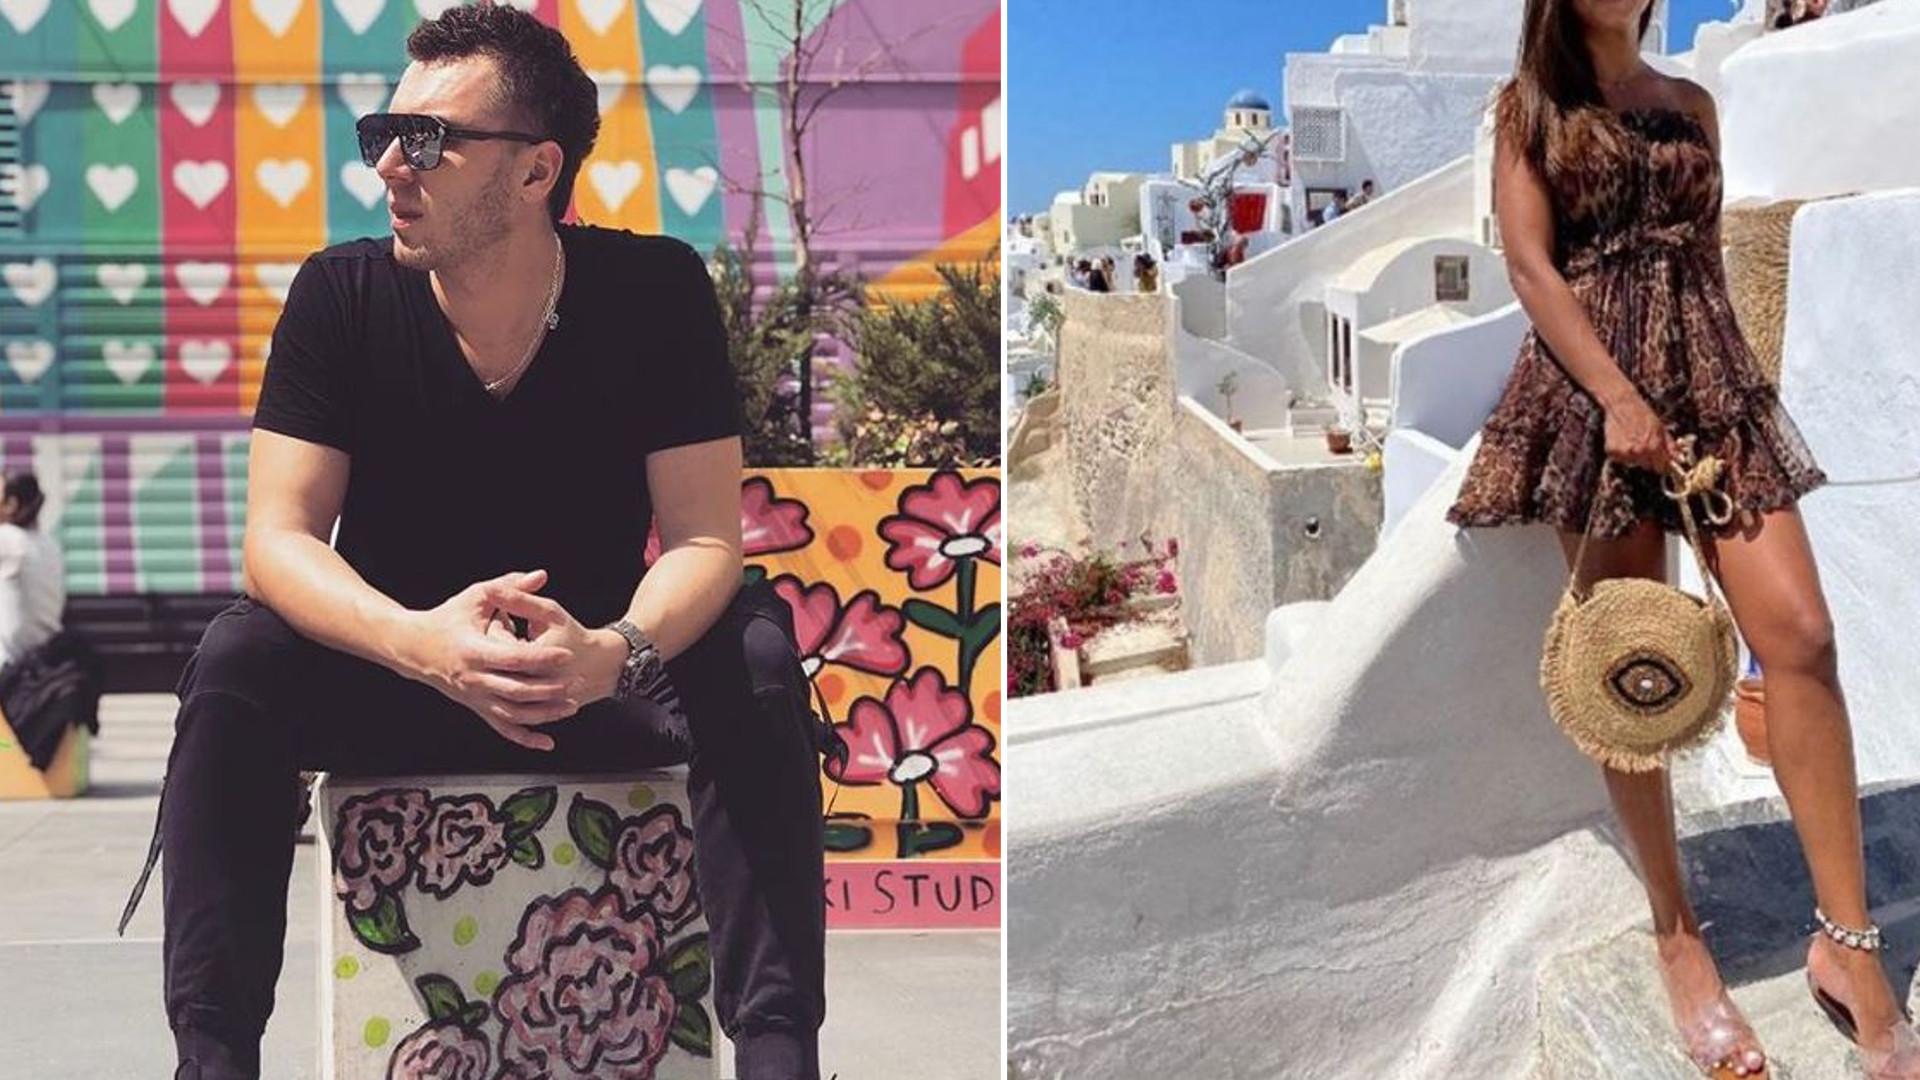 Kamil Bednarek na wakacjach pokazał ukochaną – wiemy, kim jest jego życiowa partnerka